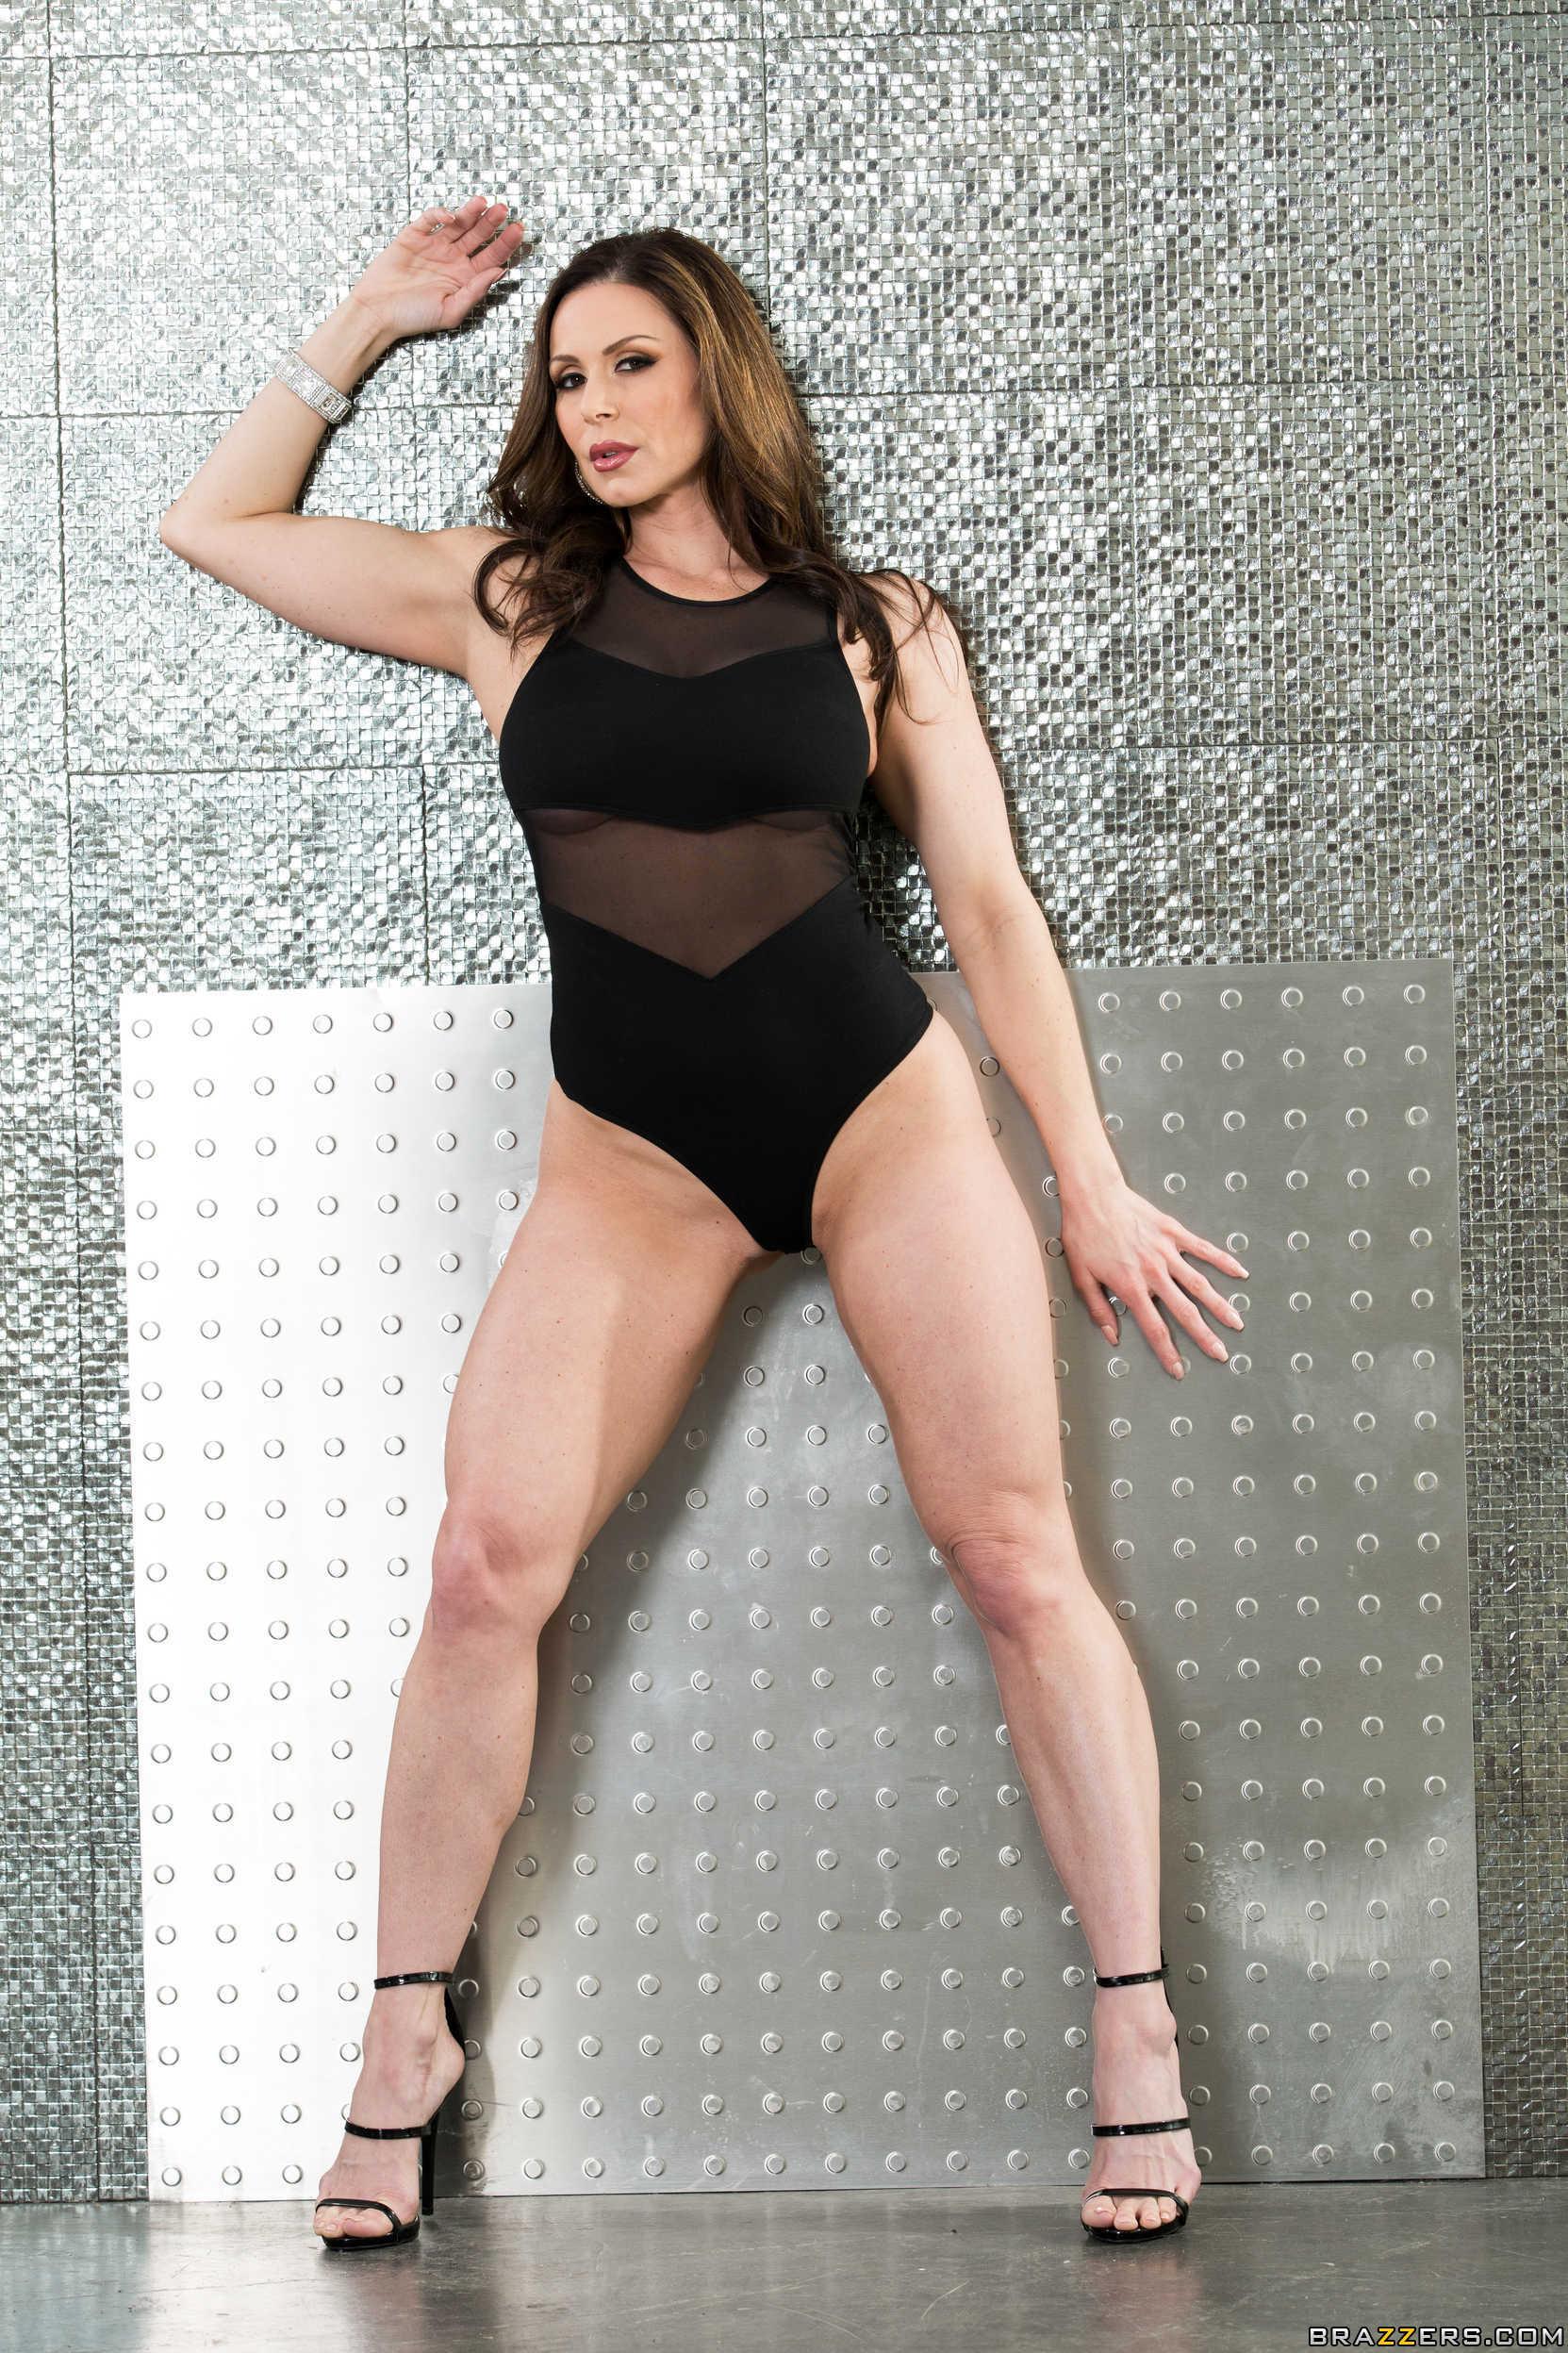 Hermosa chica latina muestra sus tetas y saluda - 1 part 10